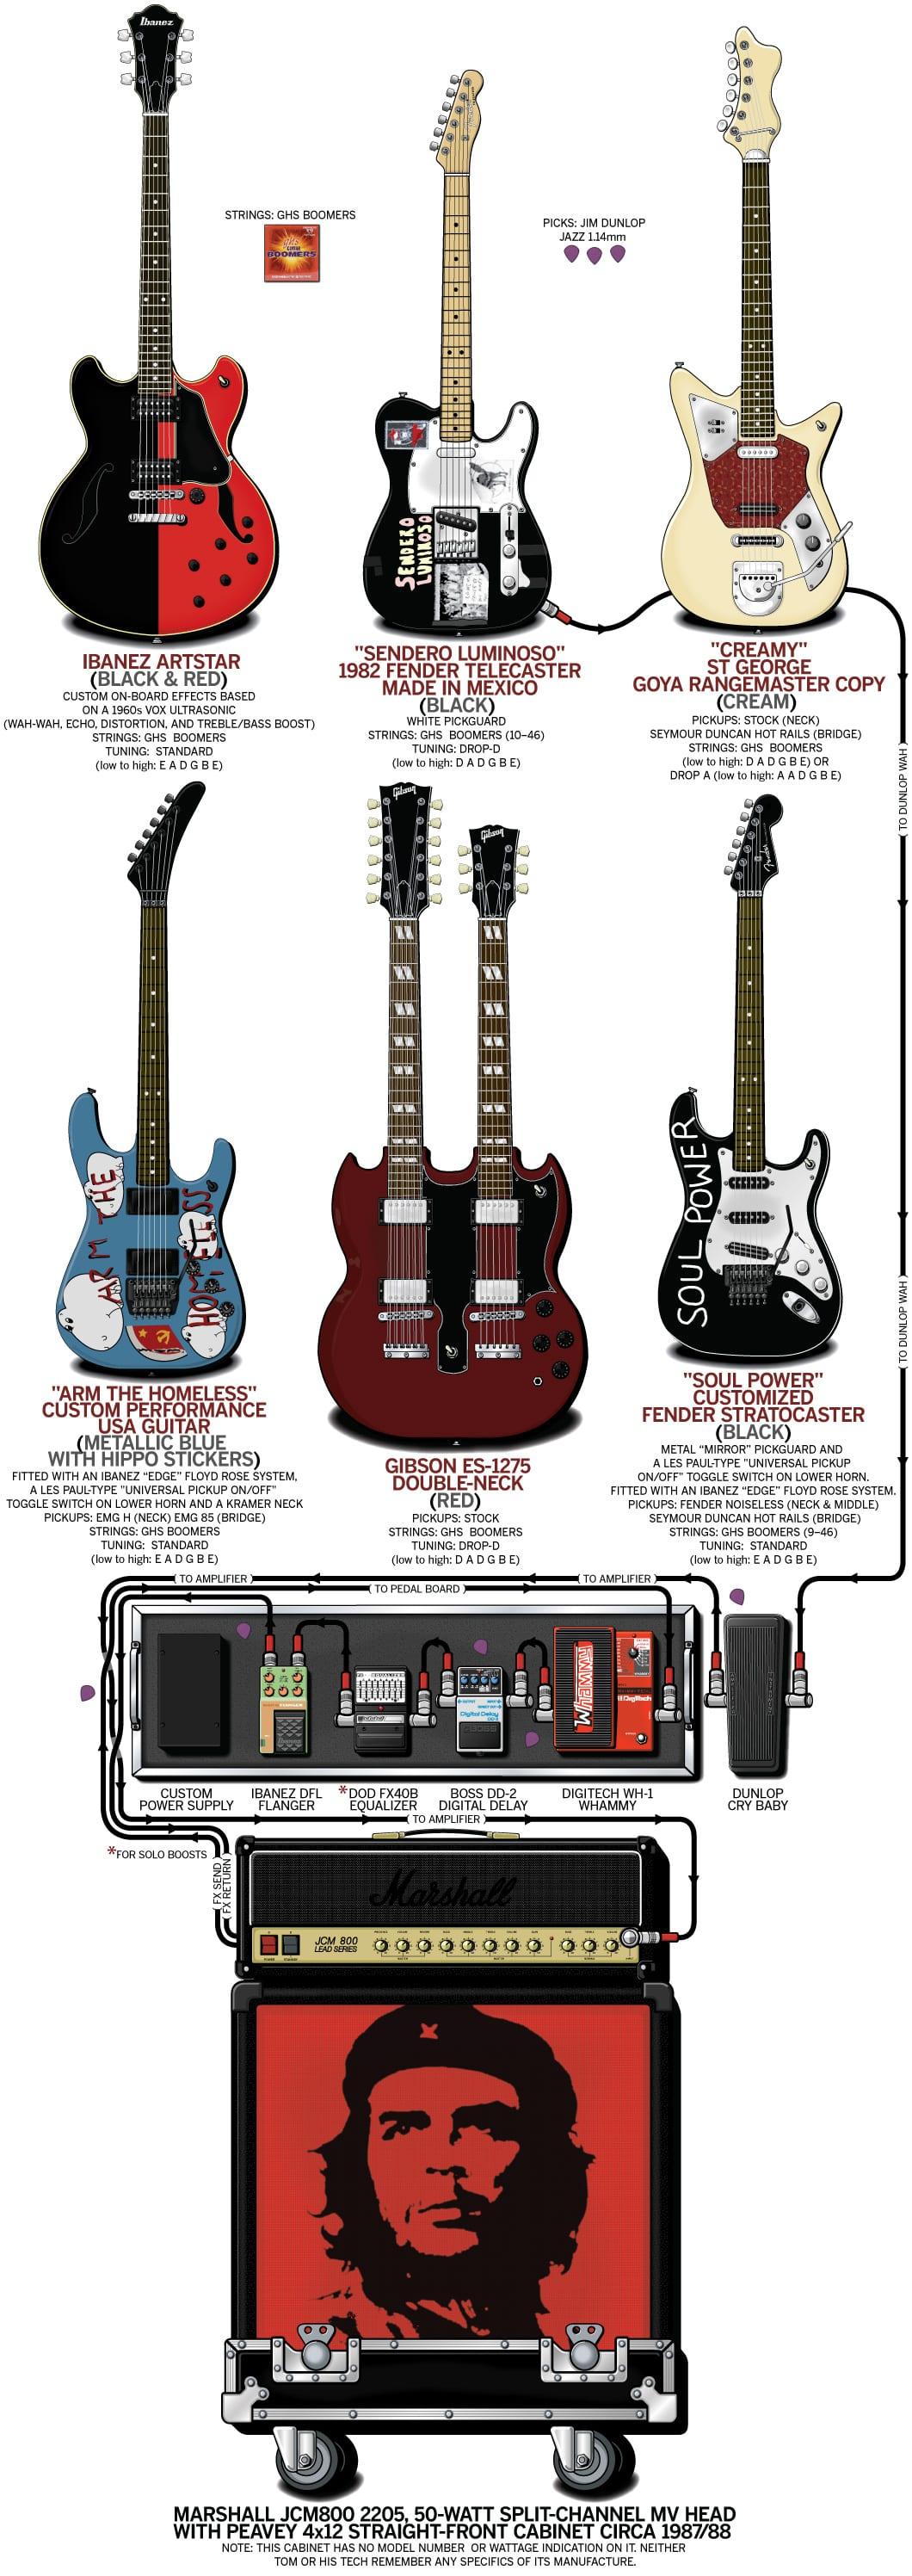 Guitar Tones Lo1 Audio Project 1 Blog